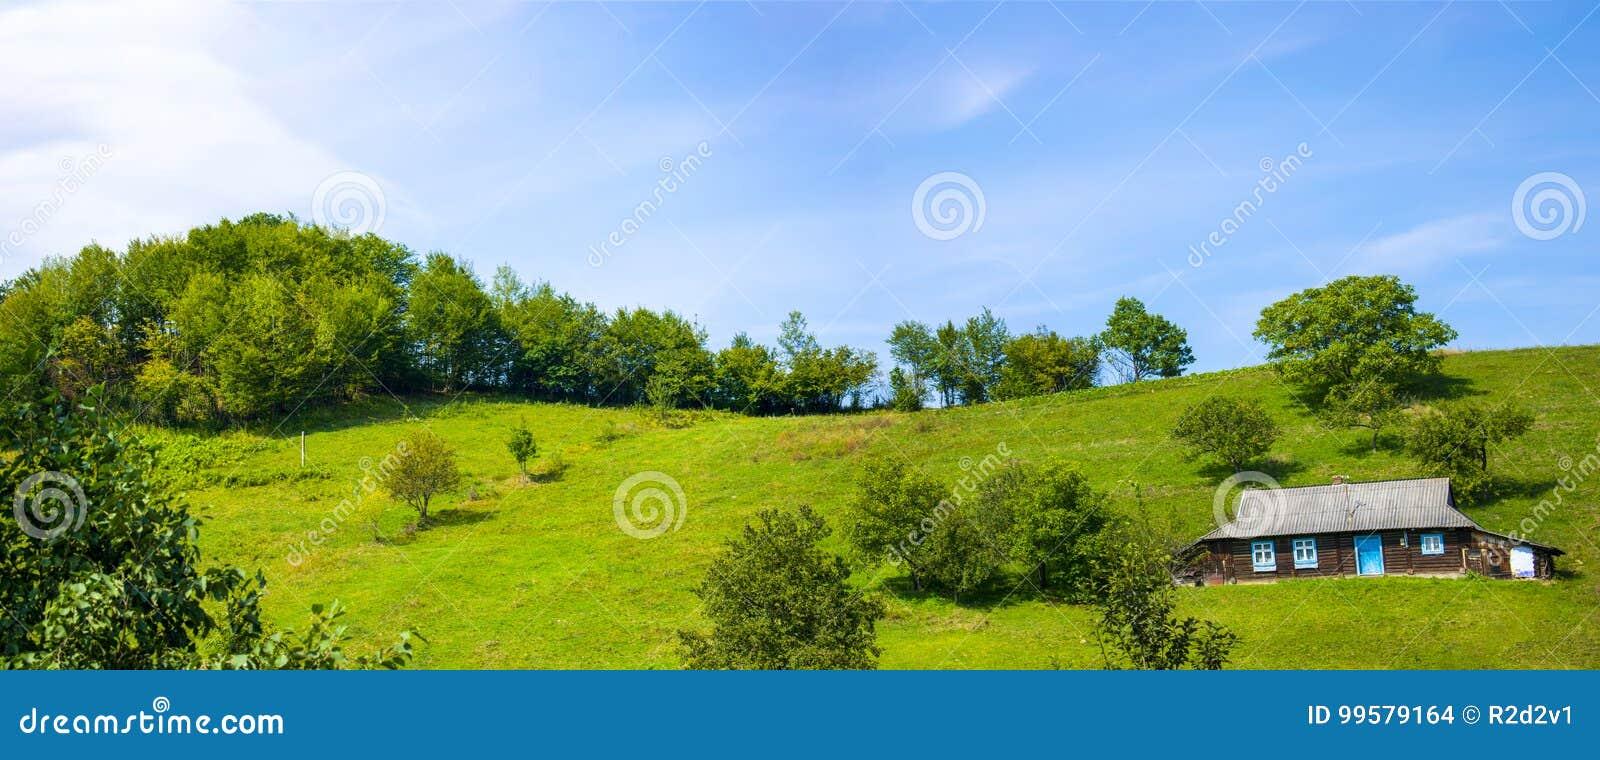 Mooi dorpshuis op een heuvel